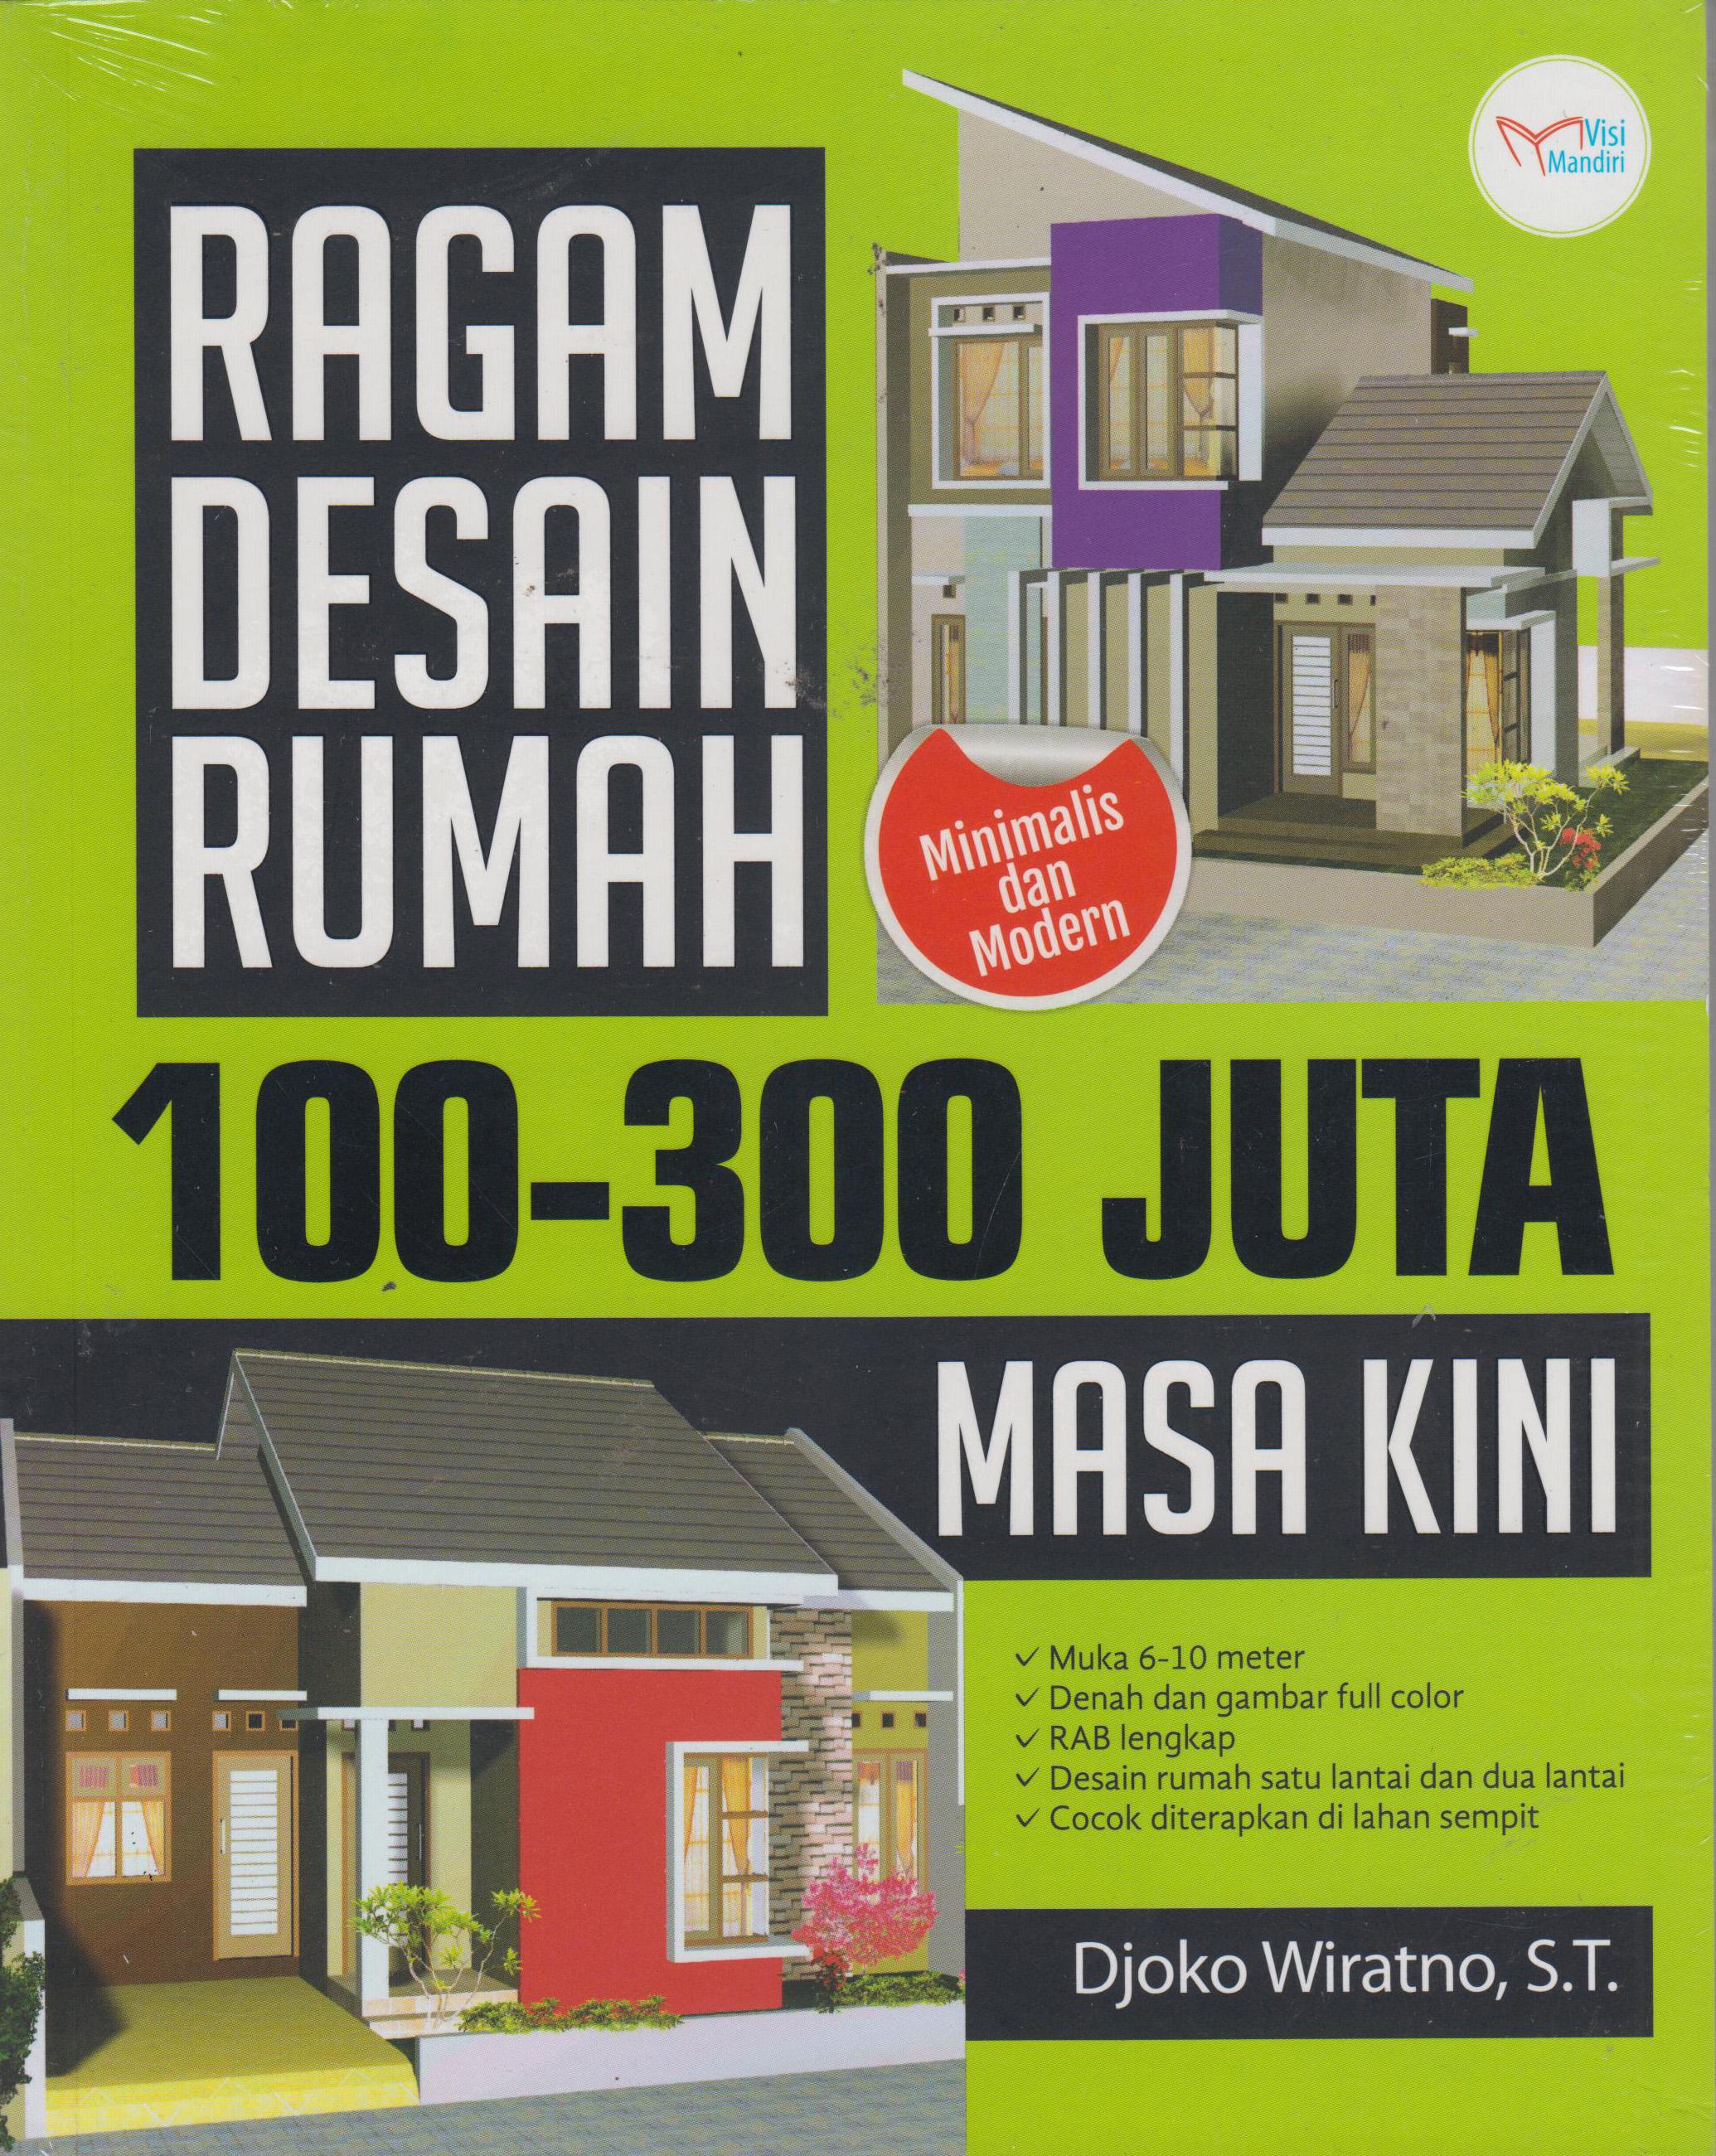 RAGAM DESAIN RUMAH 100-300 JUTA & Buku RAGAM DESAIN RUMAH 100-300 JUTA Penulis Djoko Wiratno S.T ...